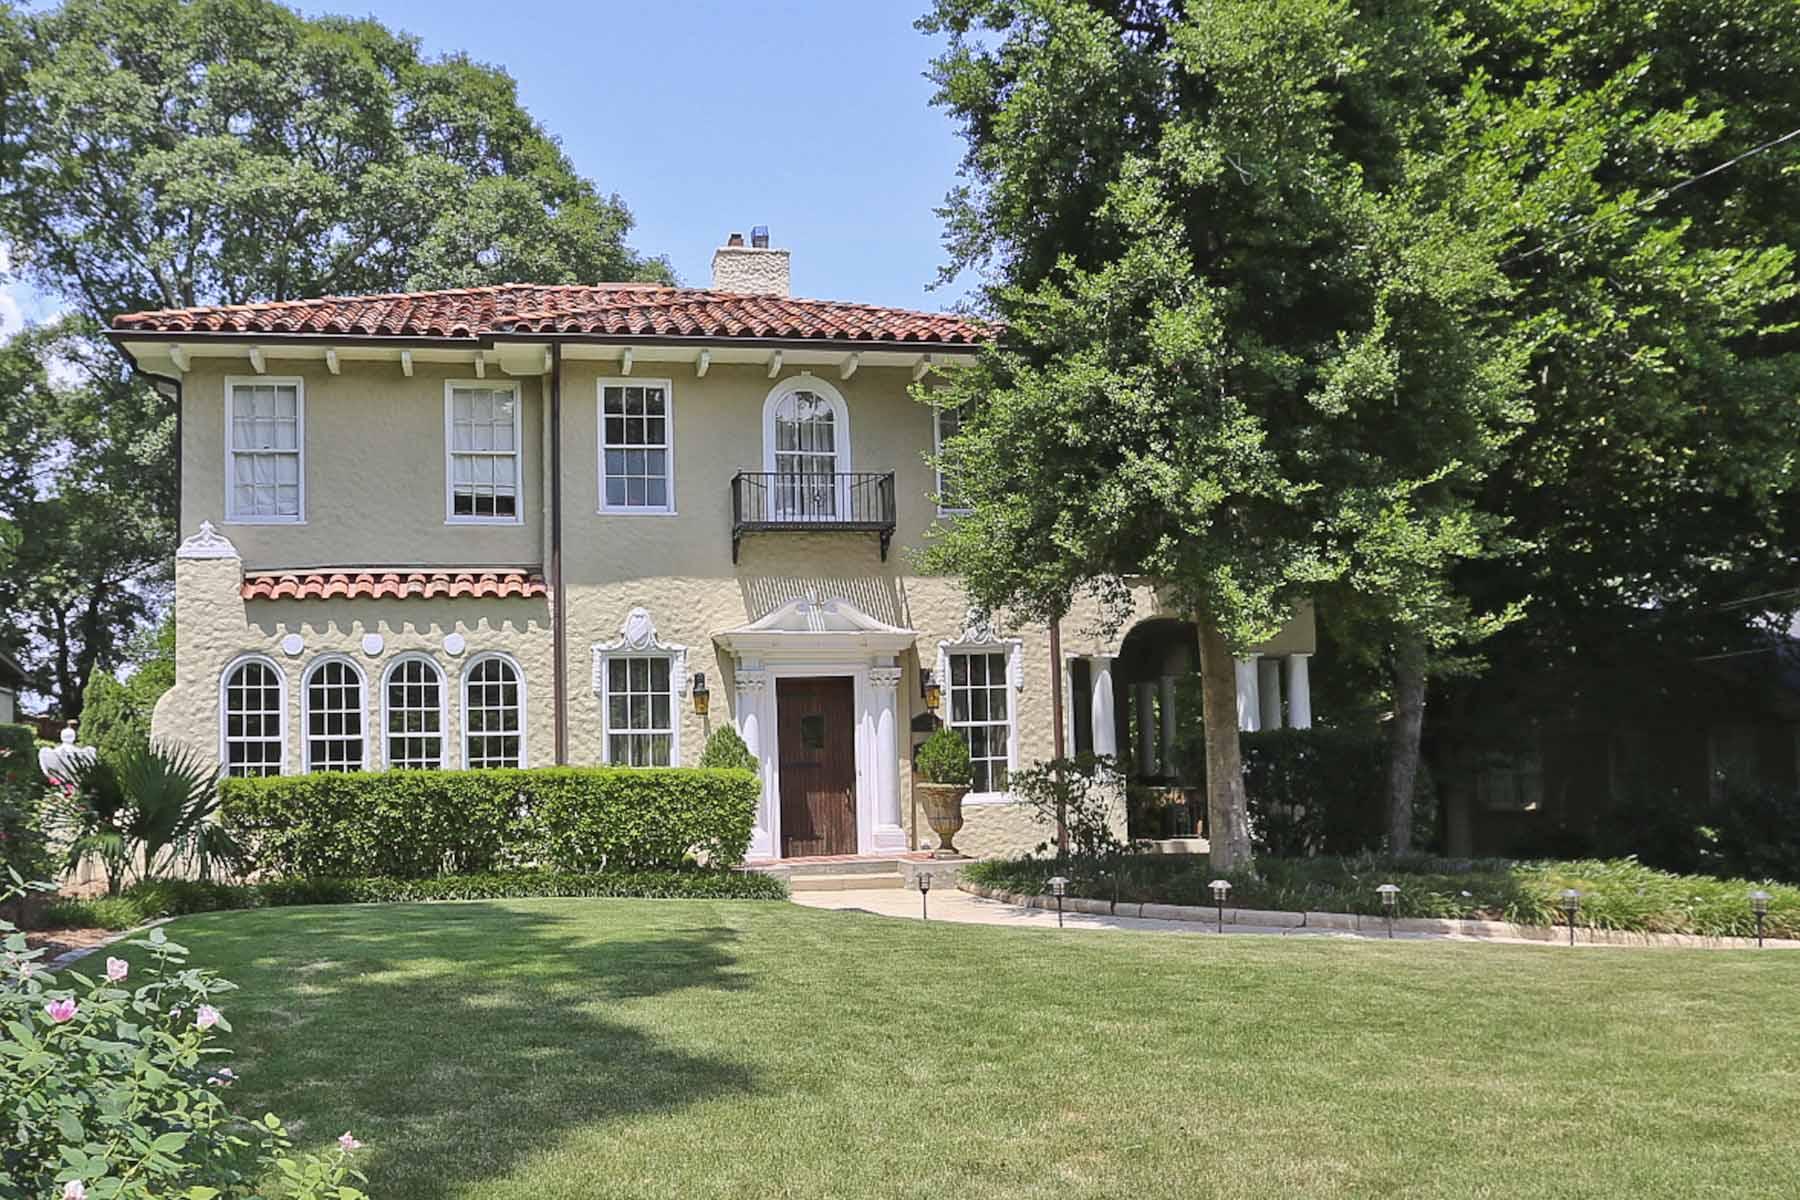 一戸建て のために 売買 アット Classic Mediterranean Style 31 26th Street NW Atlanta, ジョージア 30309 アメリカ合衆国